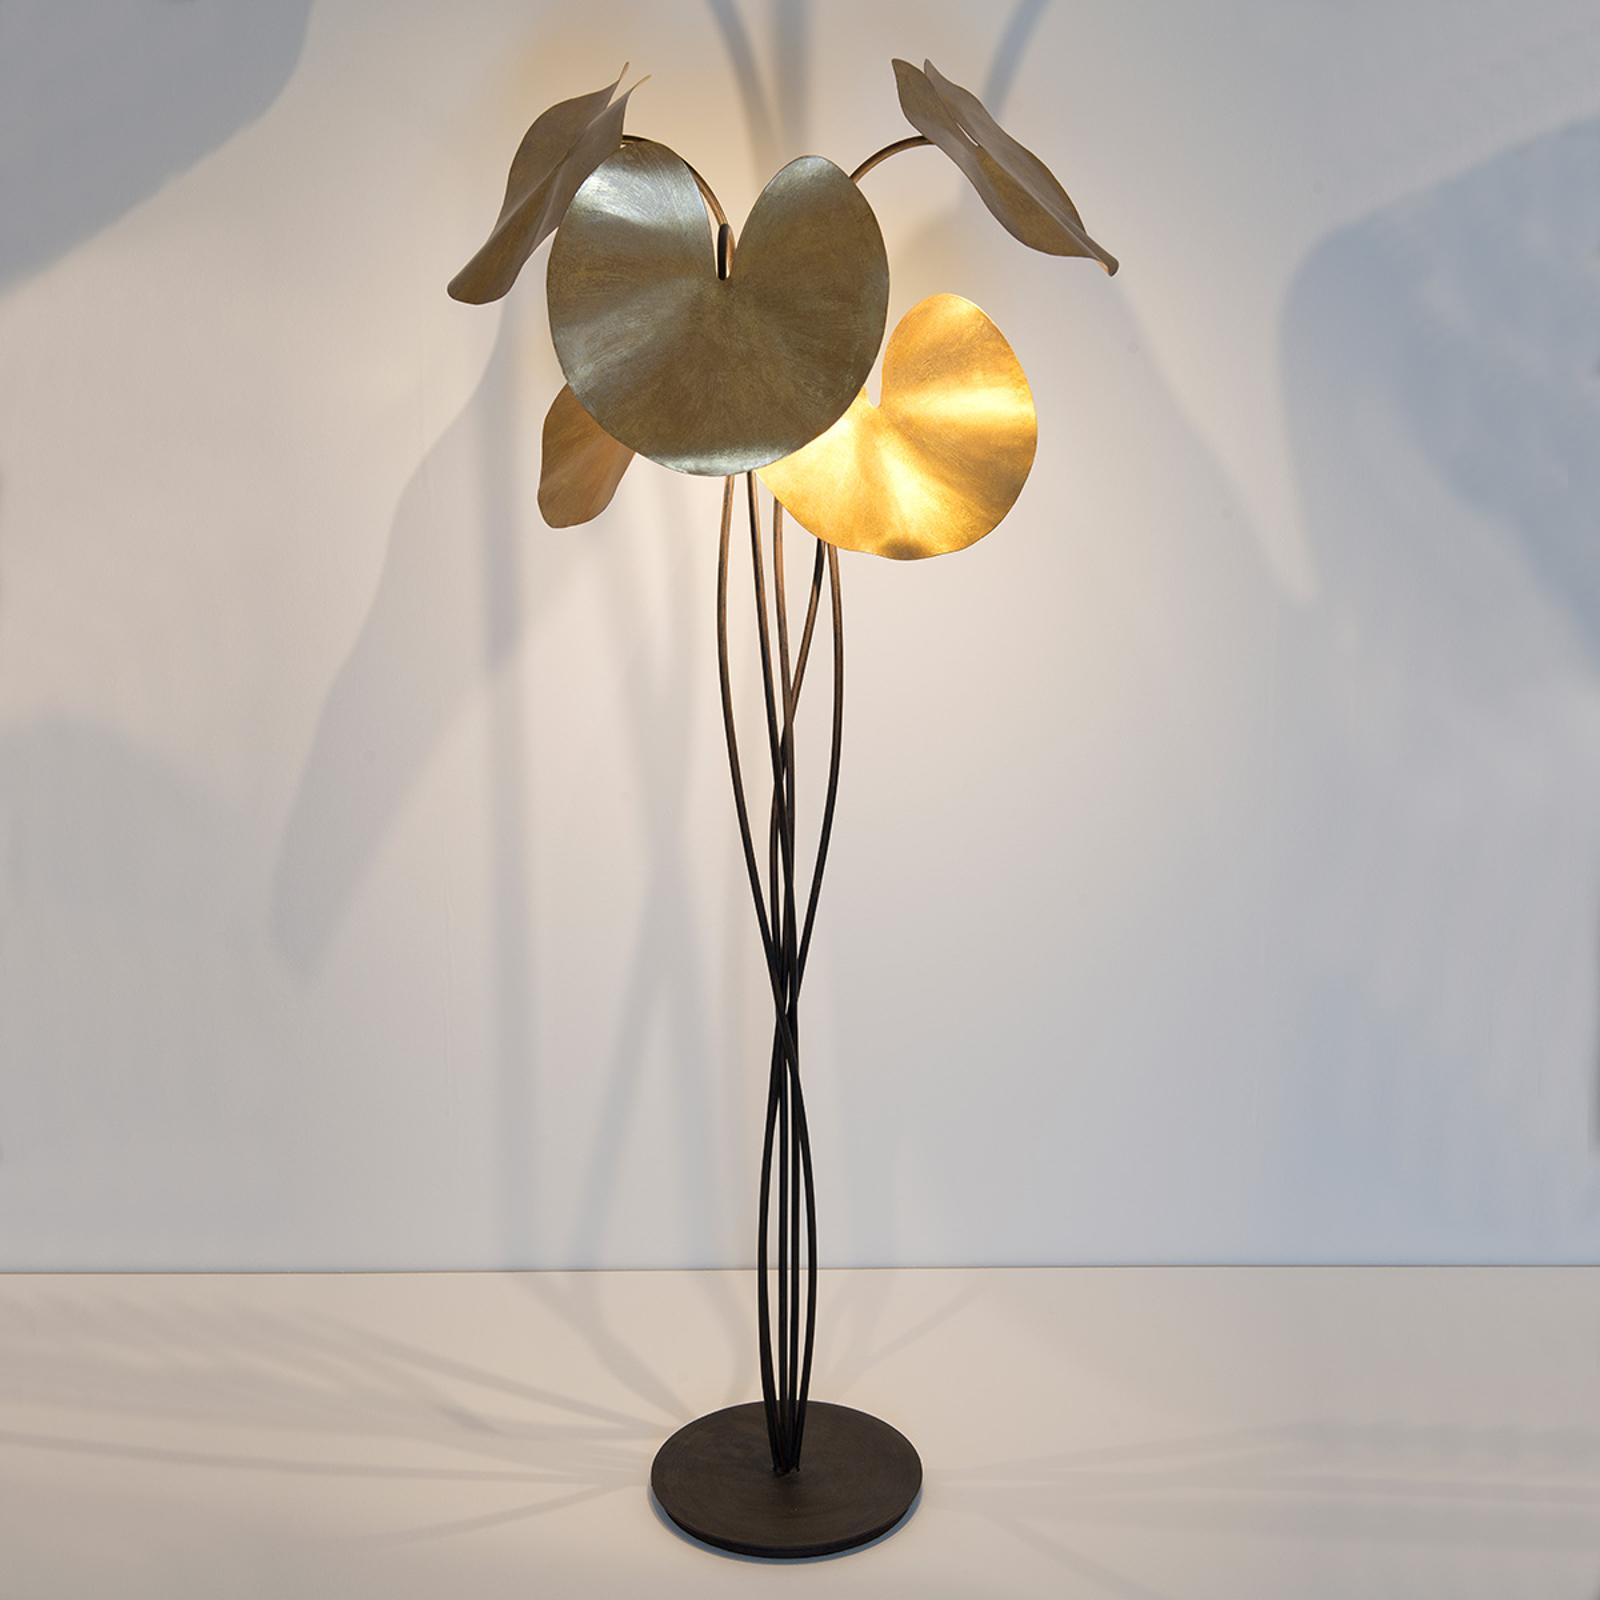 Lampa stojąca LED Controversia, złoty klosz